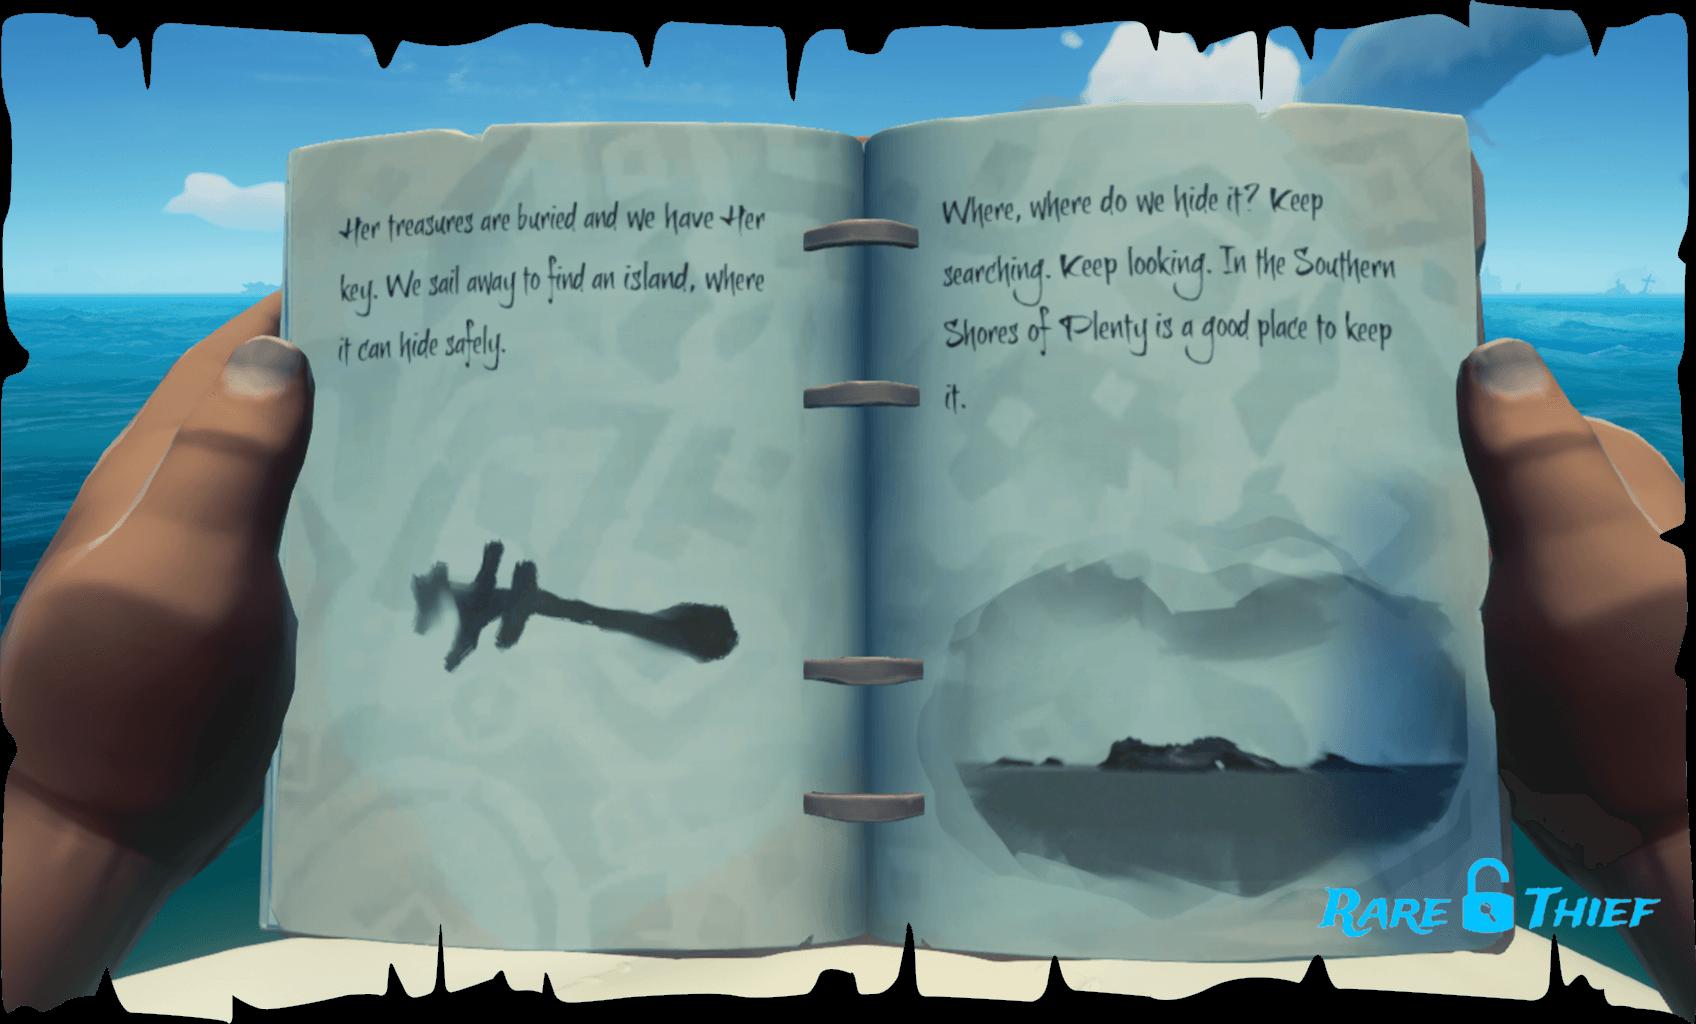 Skeleton Key at Wanderer's Refuge, Hint 1